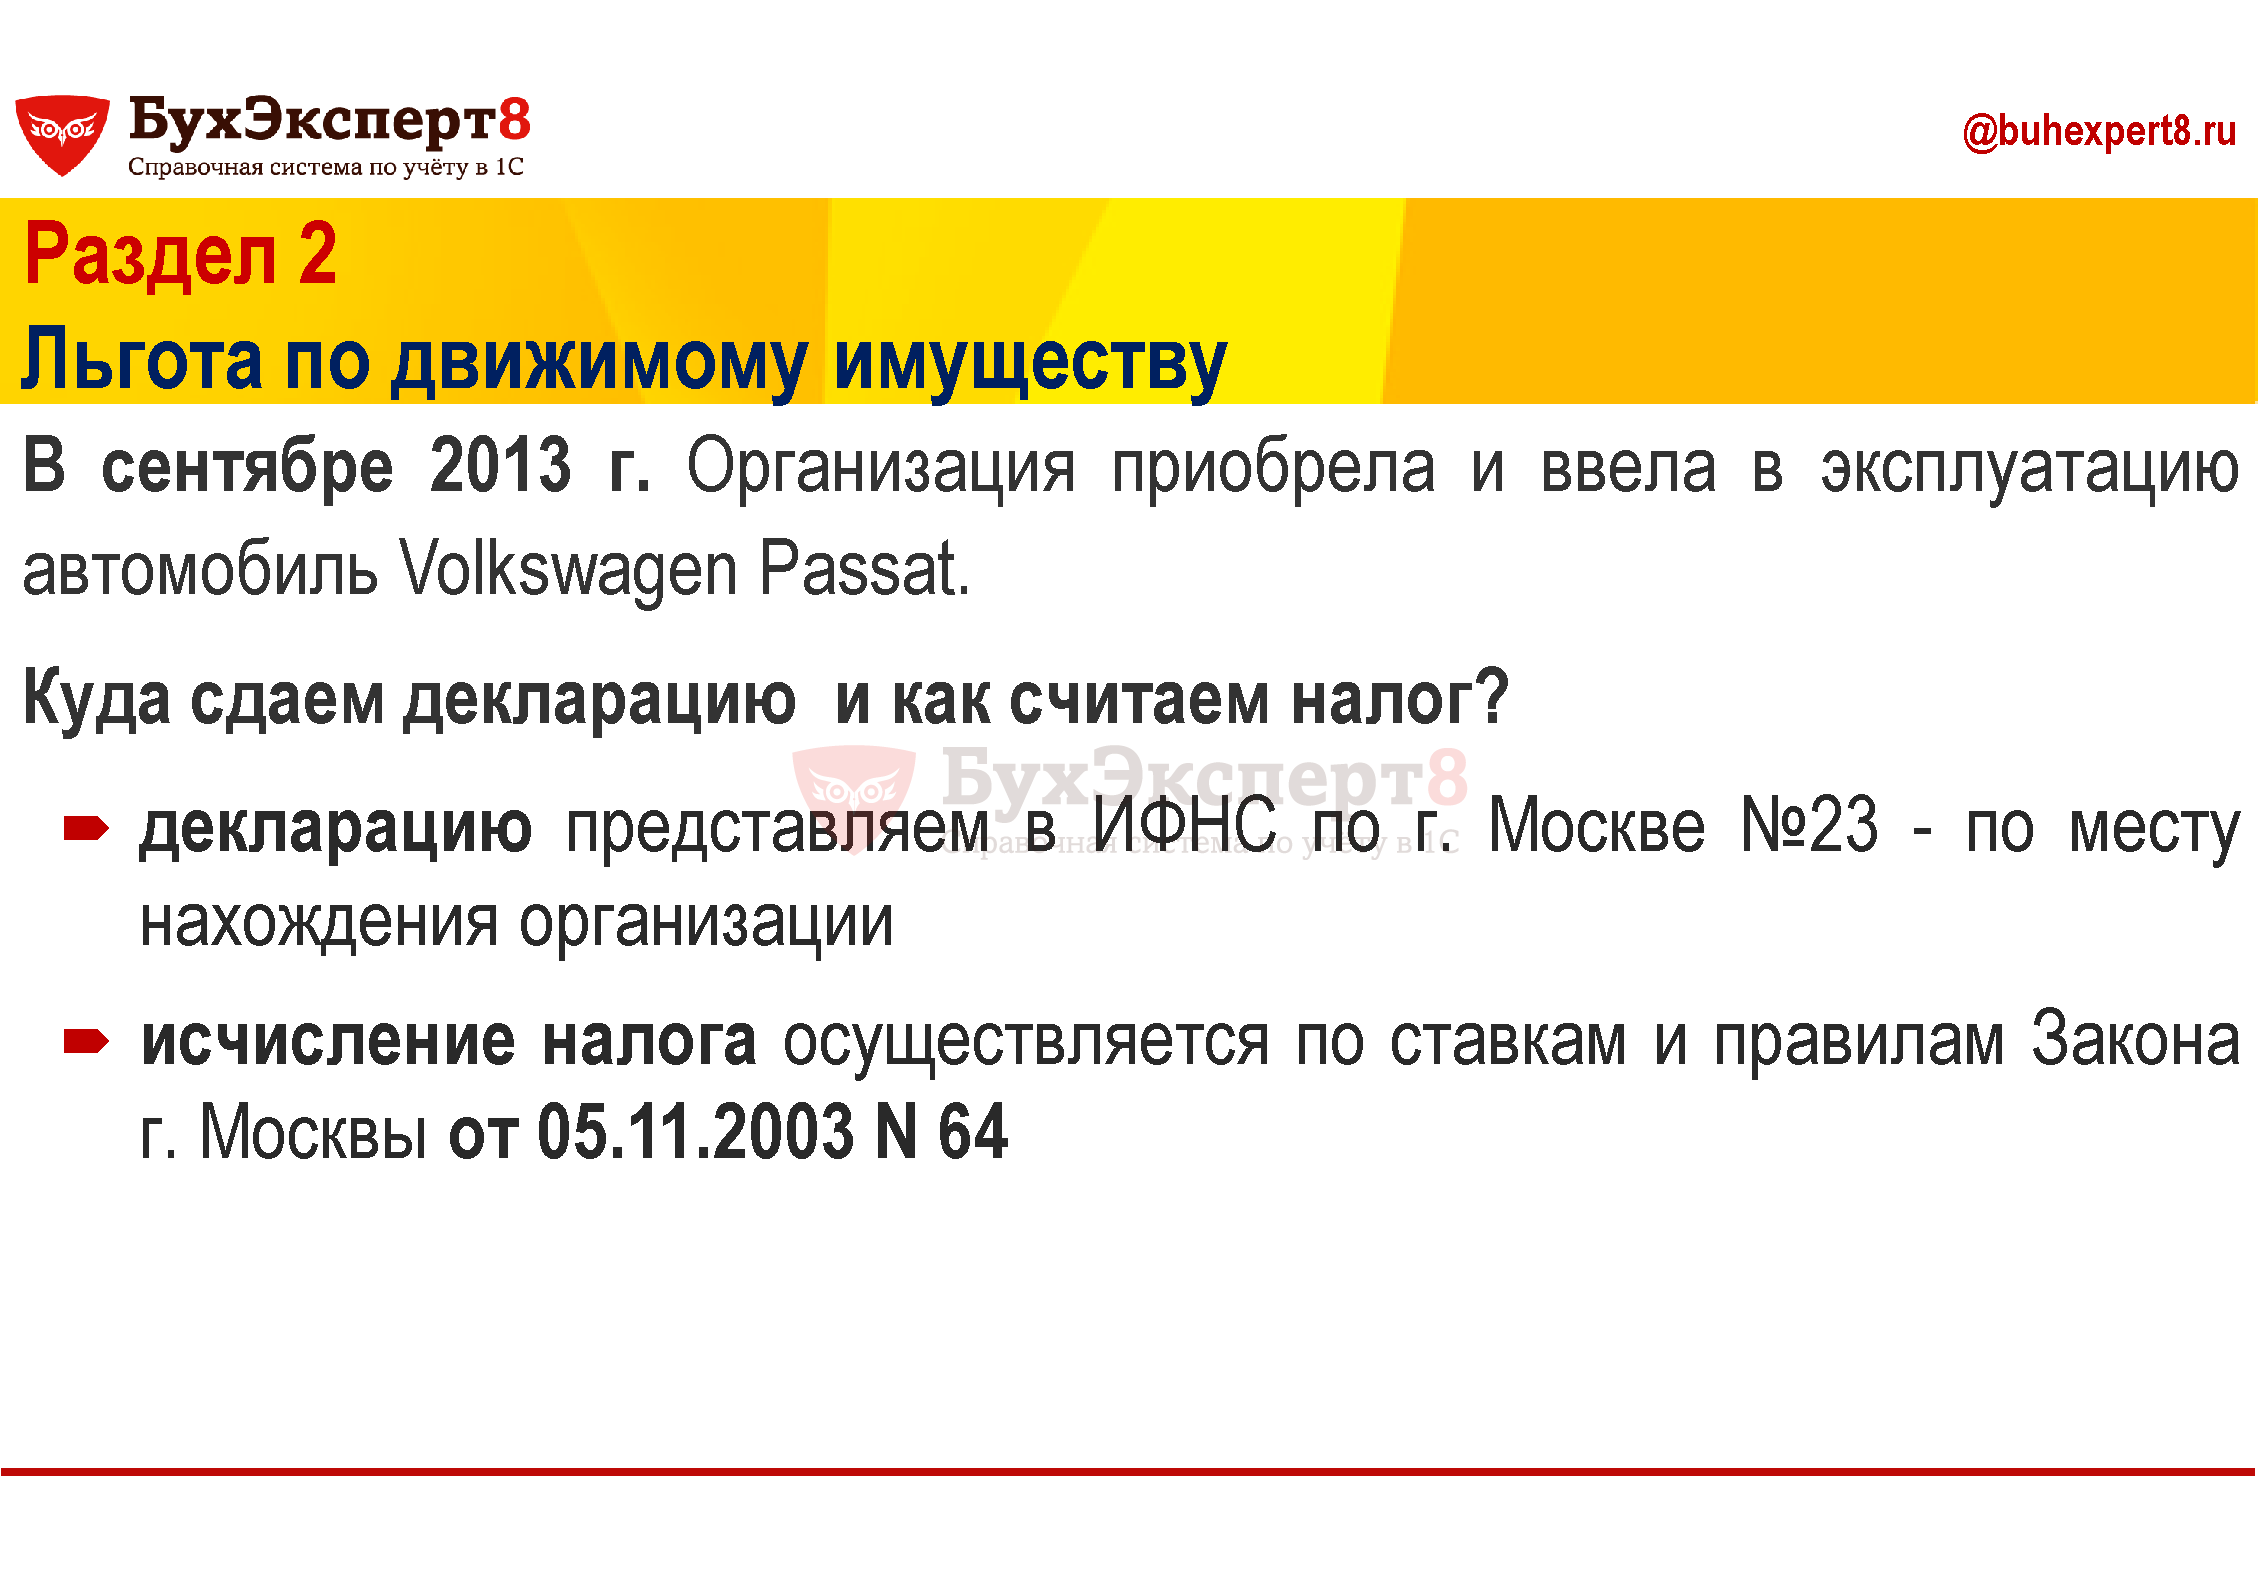 Раздел 2 Льгота по движимому имуществу В сентябре 2013 г. Организация приобрела и ввела в эксплуатацию автомобиль Volkswagen Passat. Куда сдаем декларацию и как считаем налог? декларацию представляем в ИФНС по г. Москве №23 - по месту нахождения организации исчисление налога осуществляется по ставкам и правилам Закона  г. Москвы от 05.11.2003 N 64